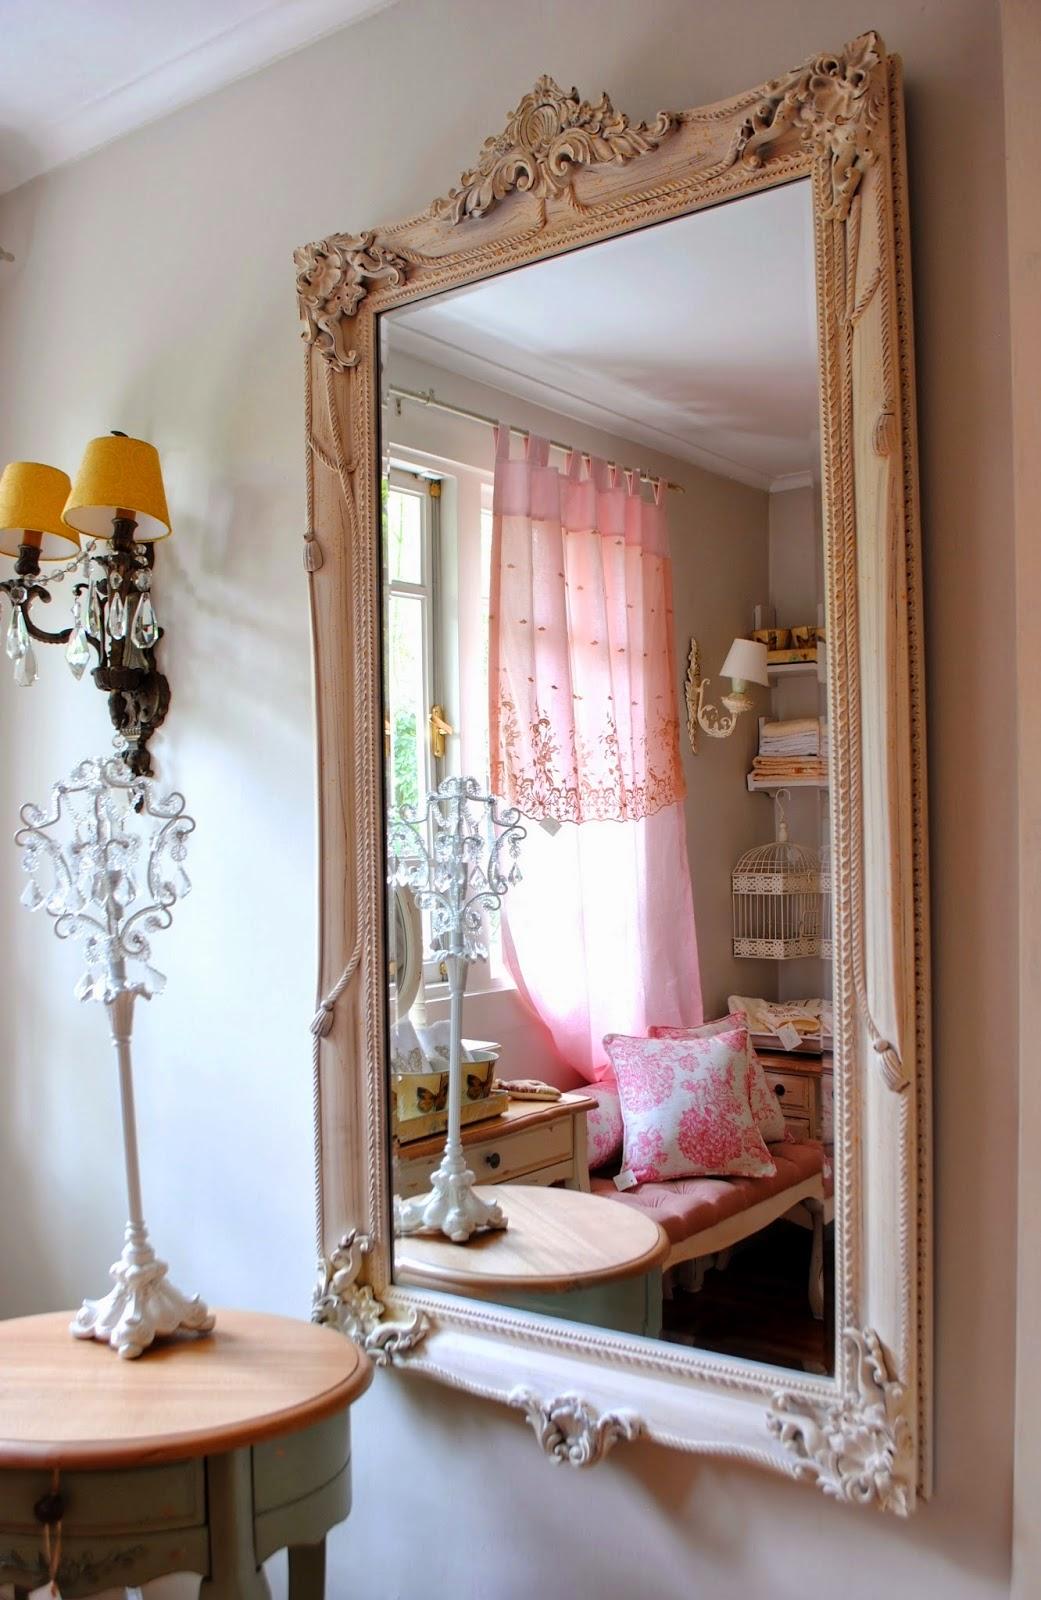 Paz montealegre decoraci n juegos para cunas y for Modelos de espejos para sala